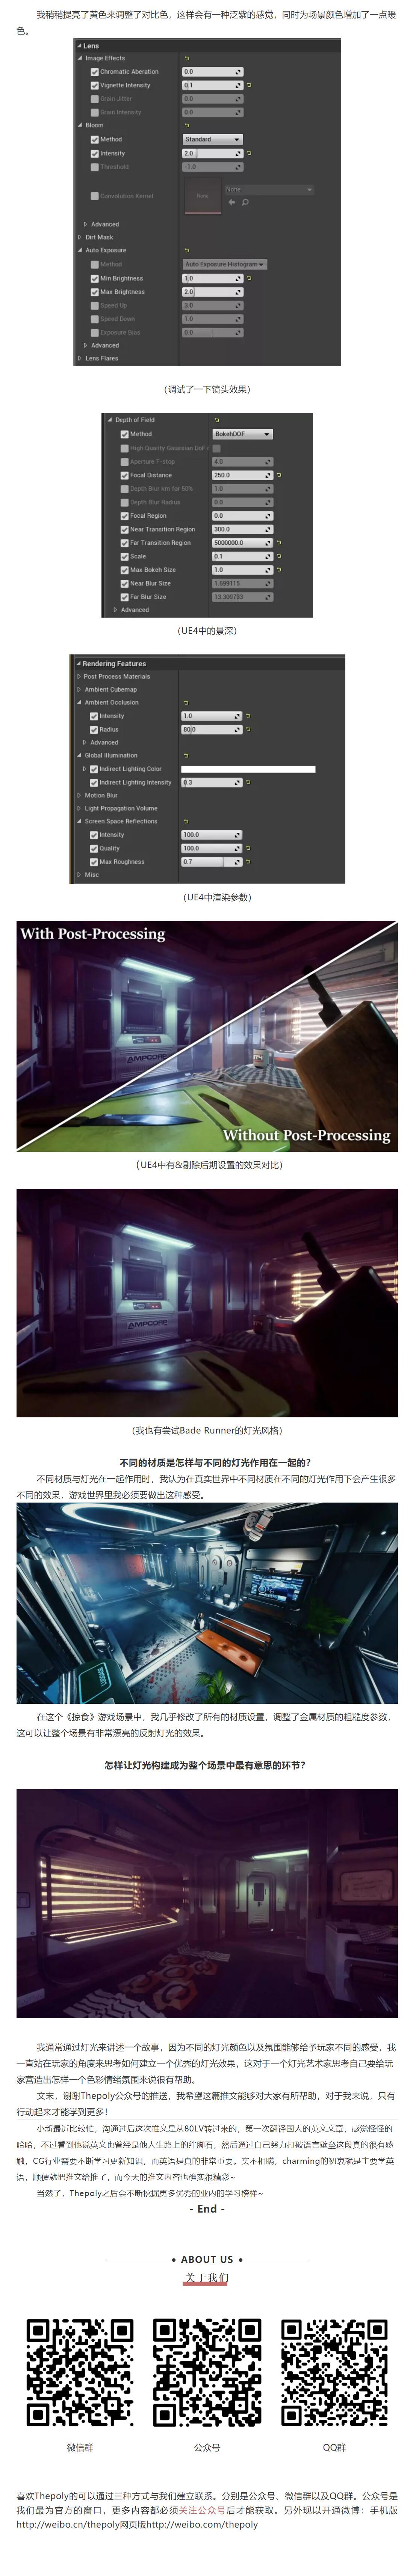 Junliang zhang 80 level 4 6